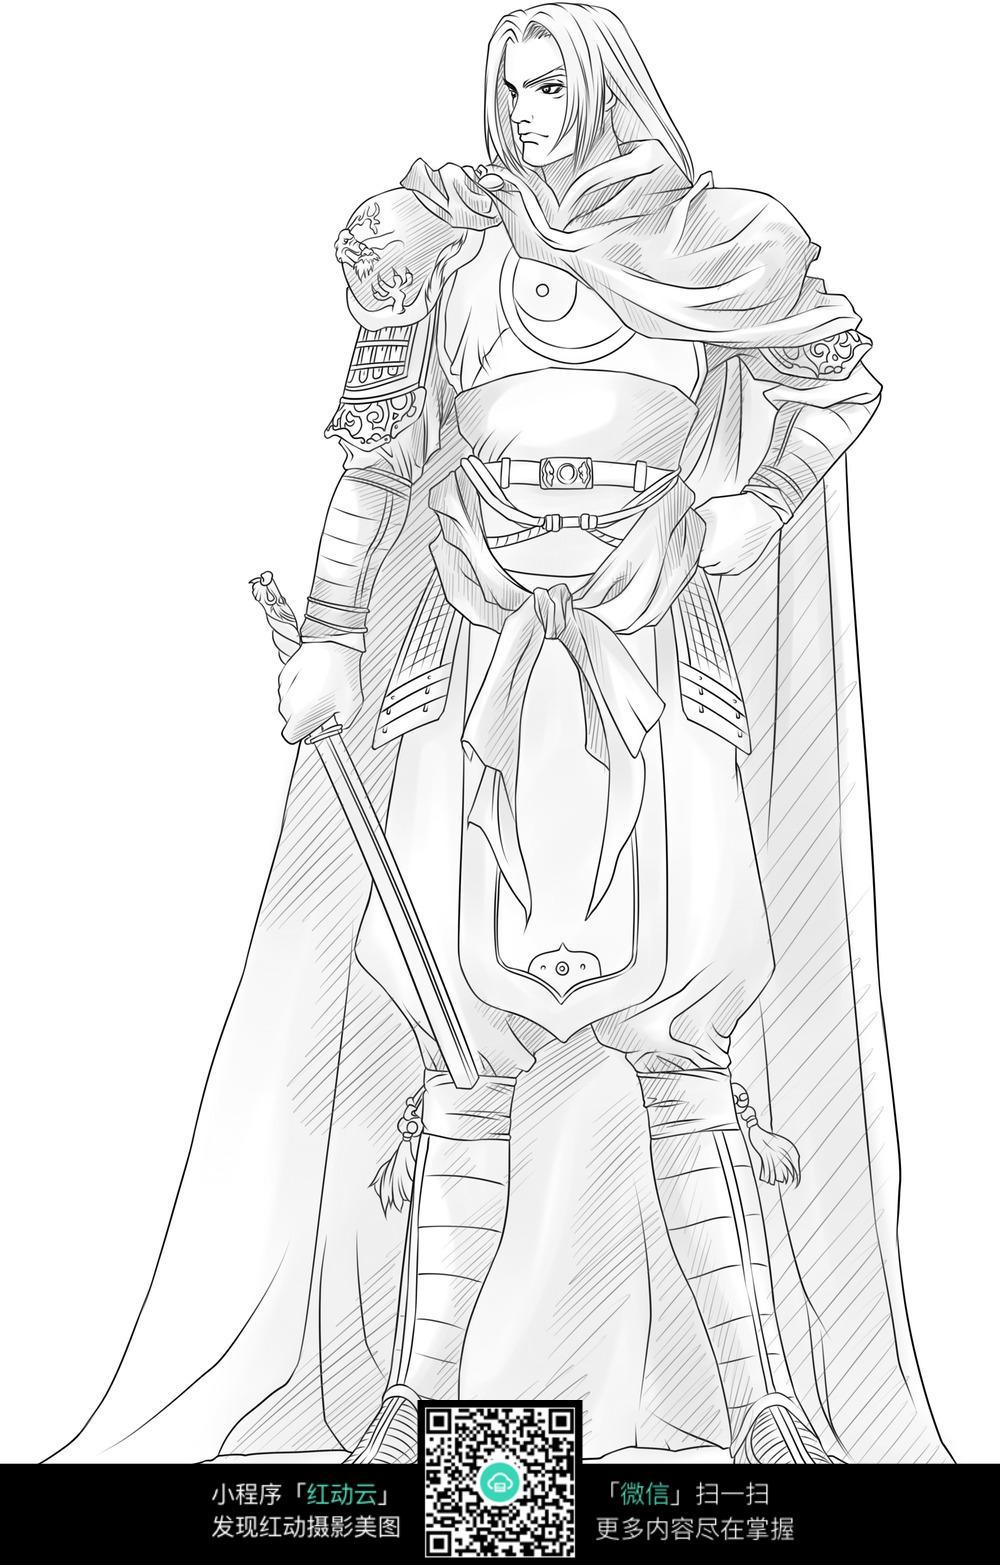 男子和剑卡通手绘线稿图片